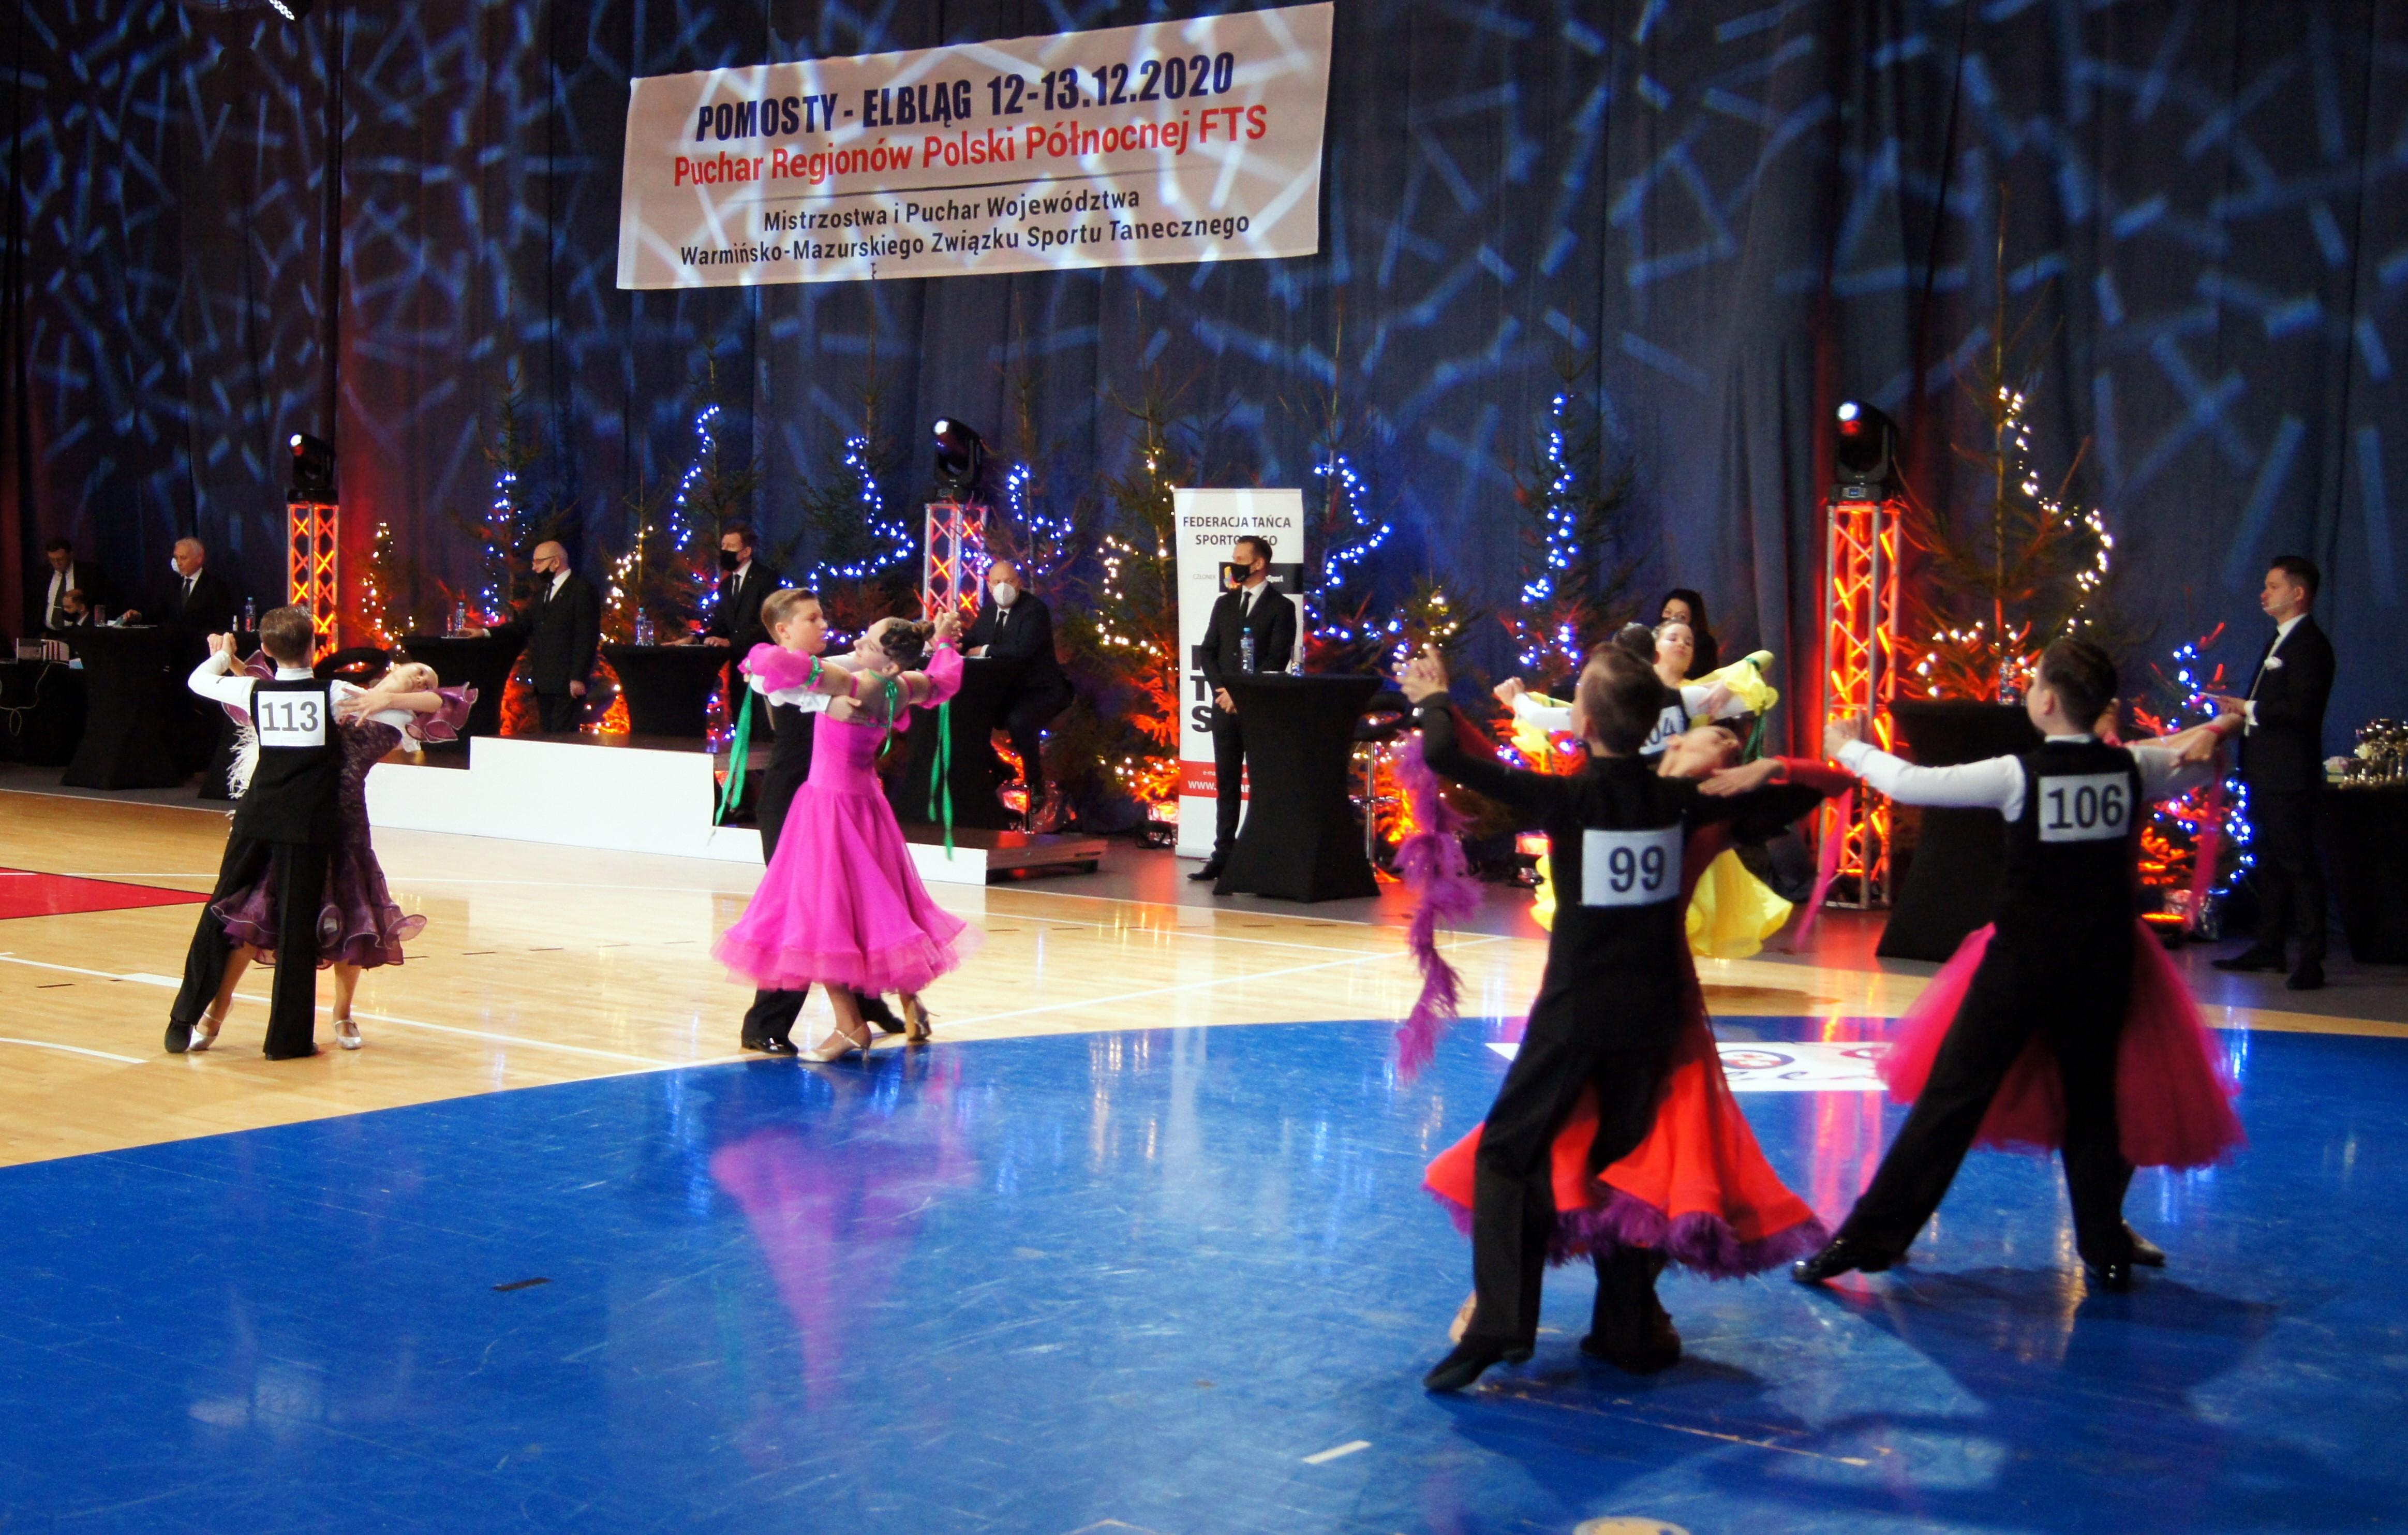 Taneczne POMOSTY 2020 za nami (foto)